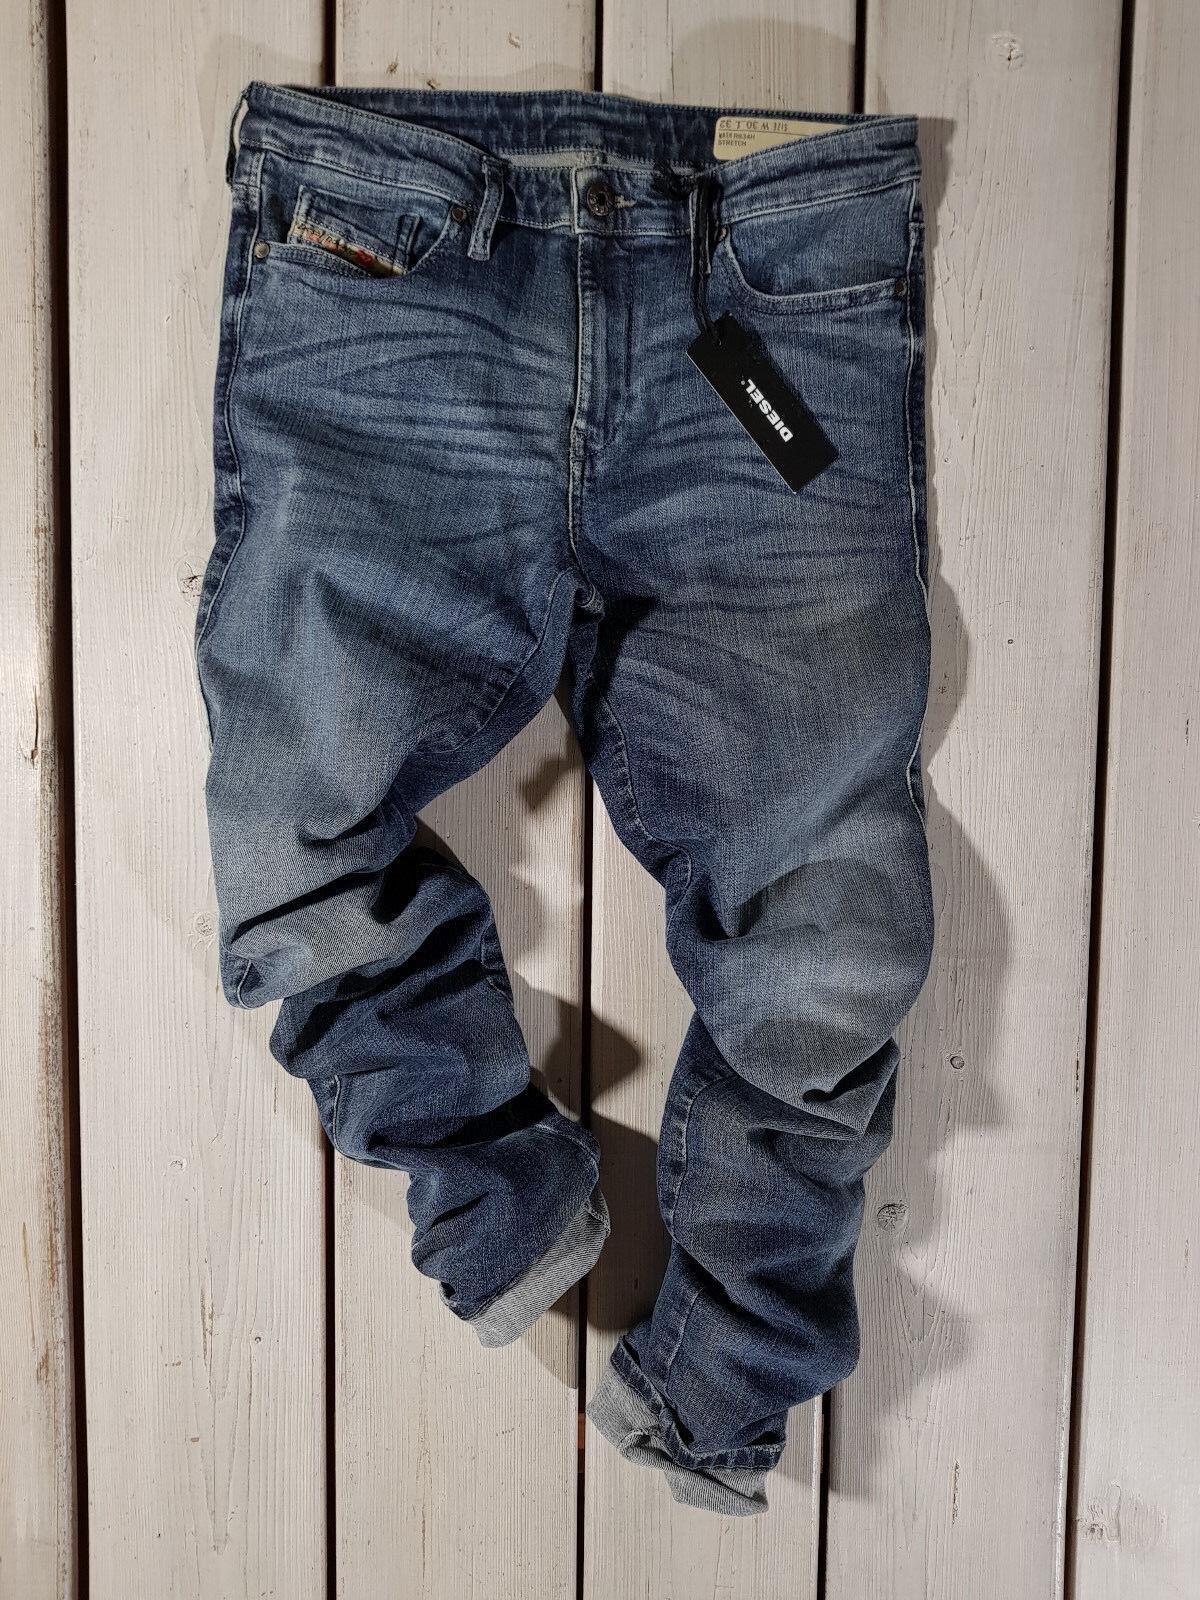 Neu Neu Neu Diesel DAMEN Jeans Skinzee R843h Supereng Skinny Regular Größe | Kompletter Spezifikationsbereich  a7aa19